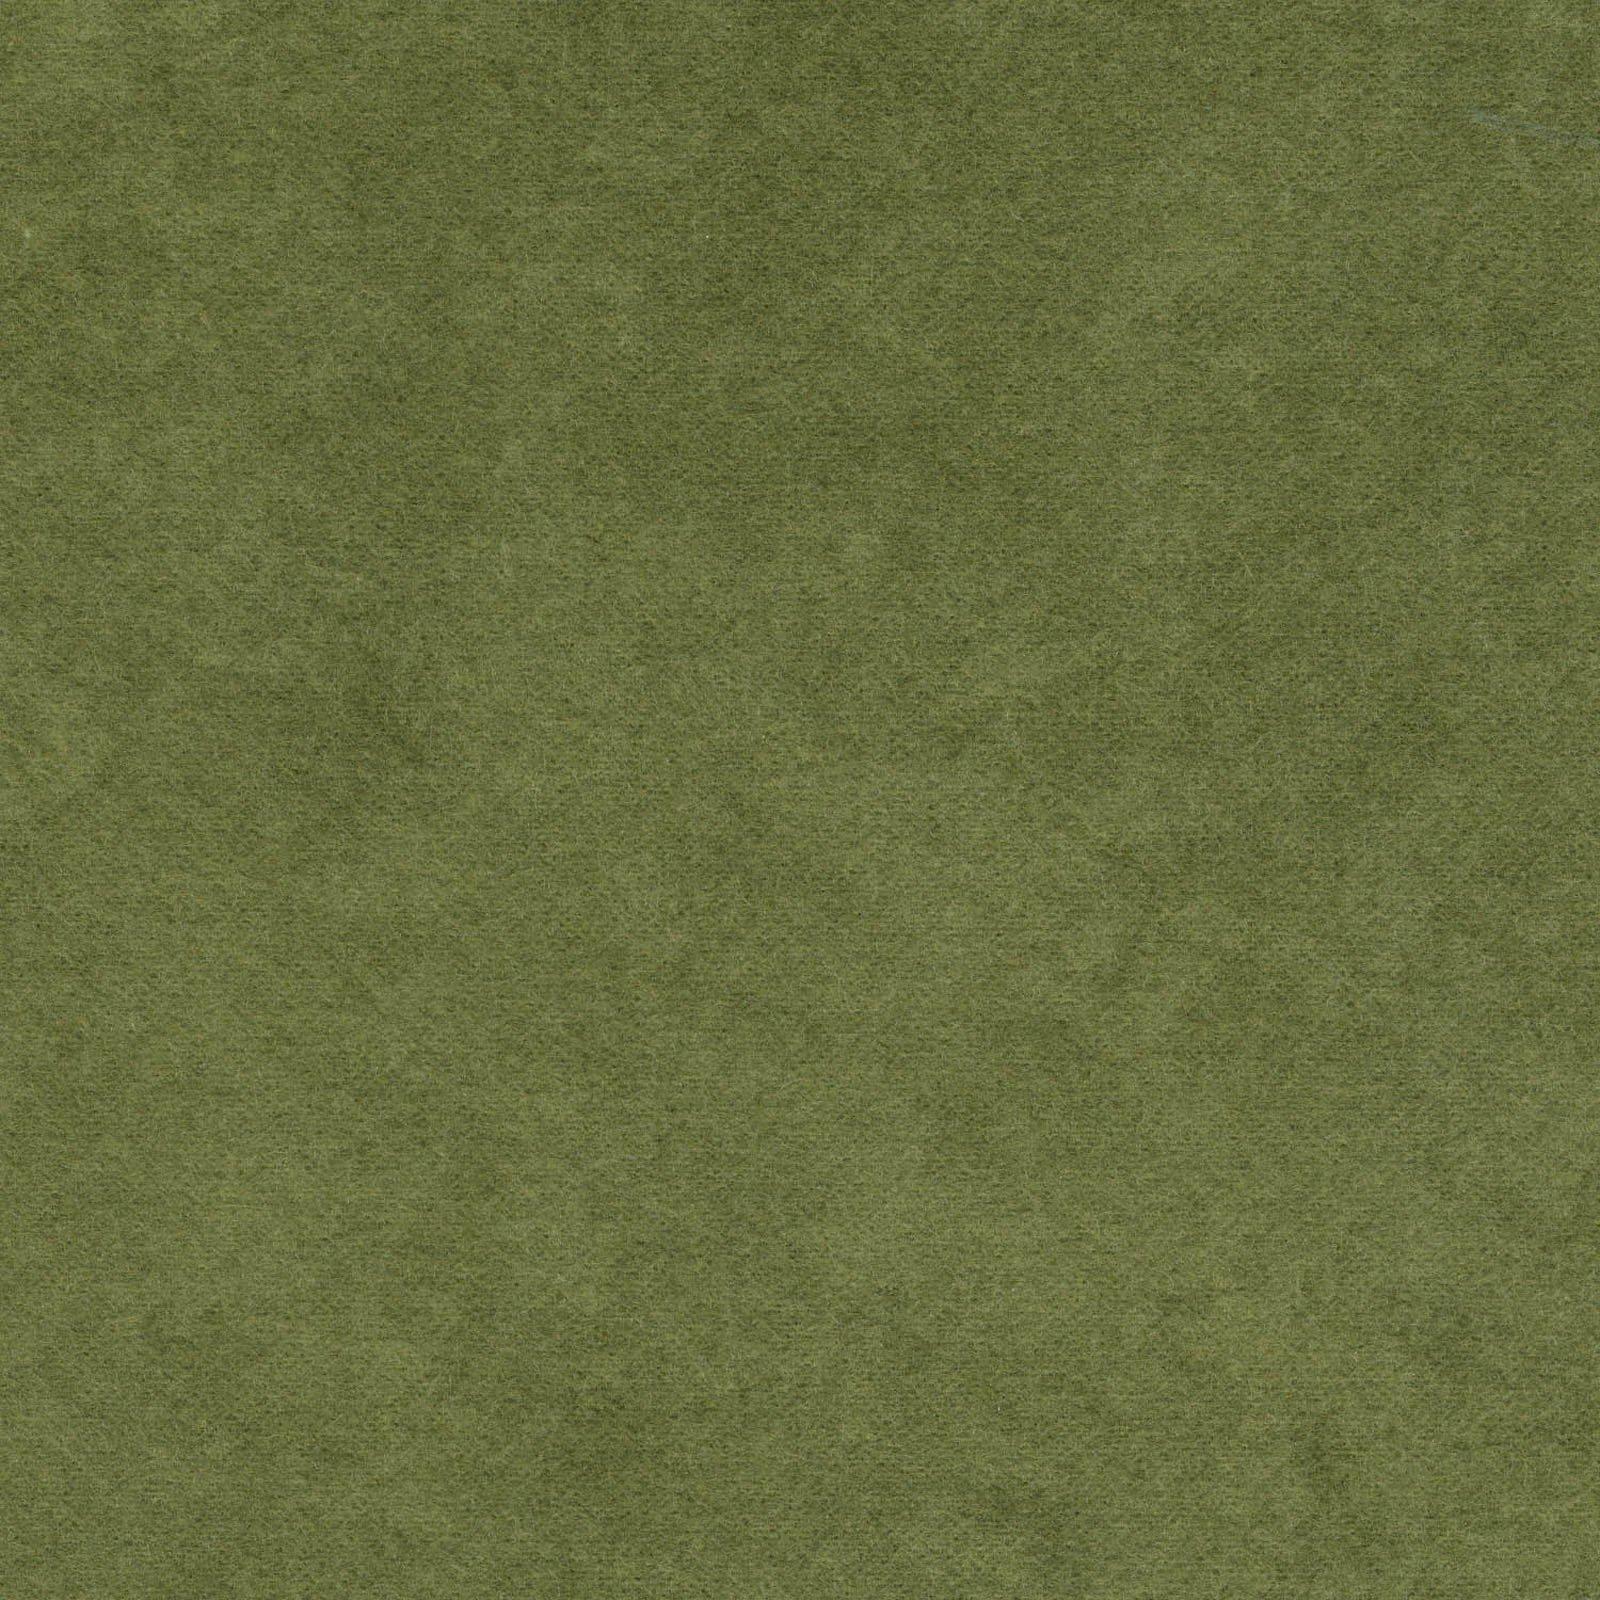 Shadow Play Flannel - Full Bolt - MASF513-G27 - FB